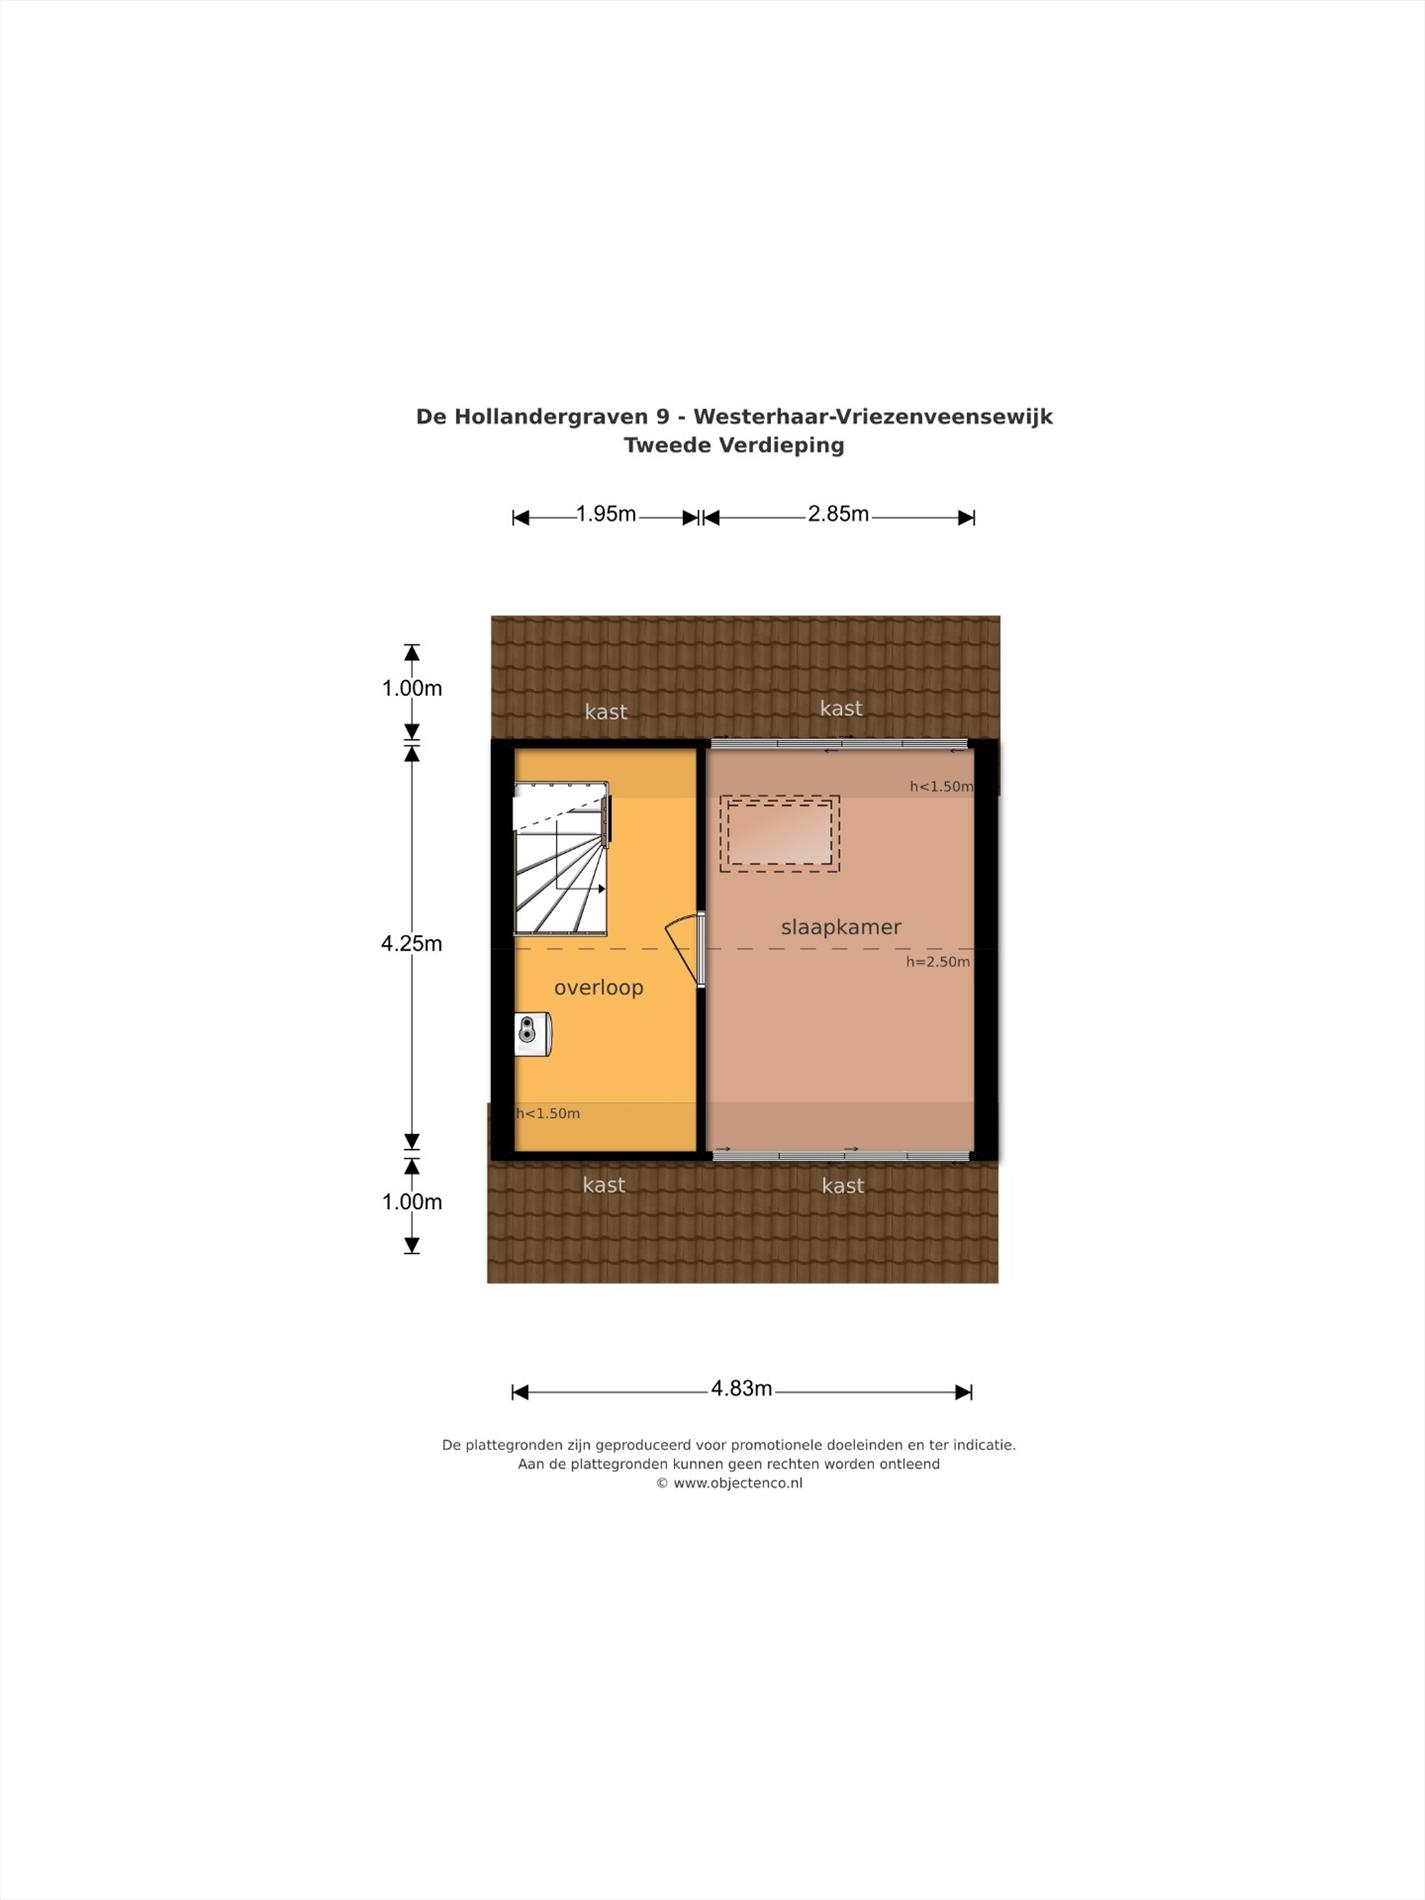 Floorplan - De Hollandergraven 9, 7676 ED Westerhaar-Vriezenveensewijk